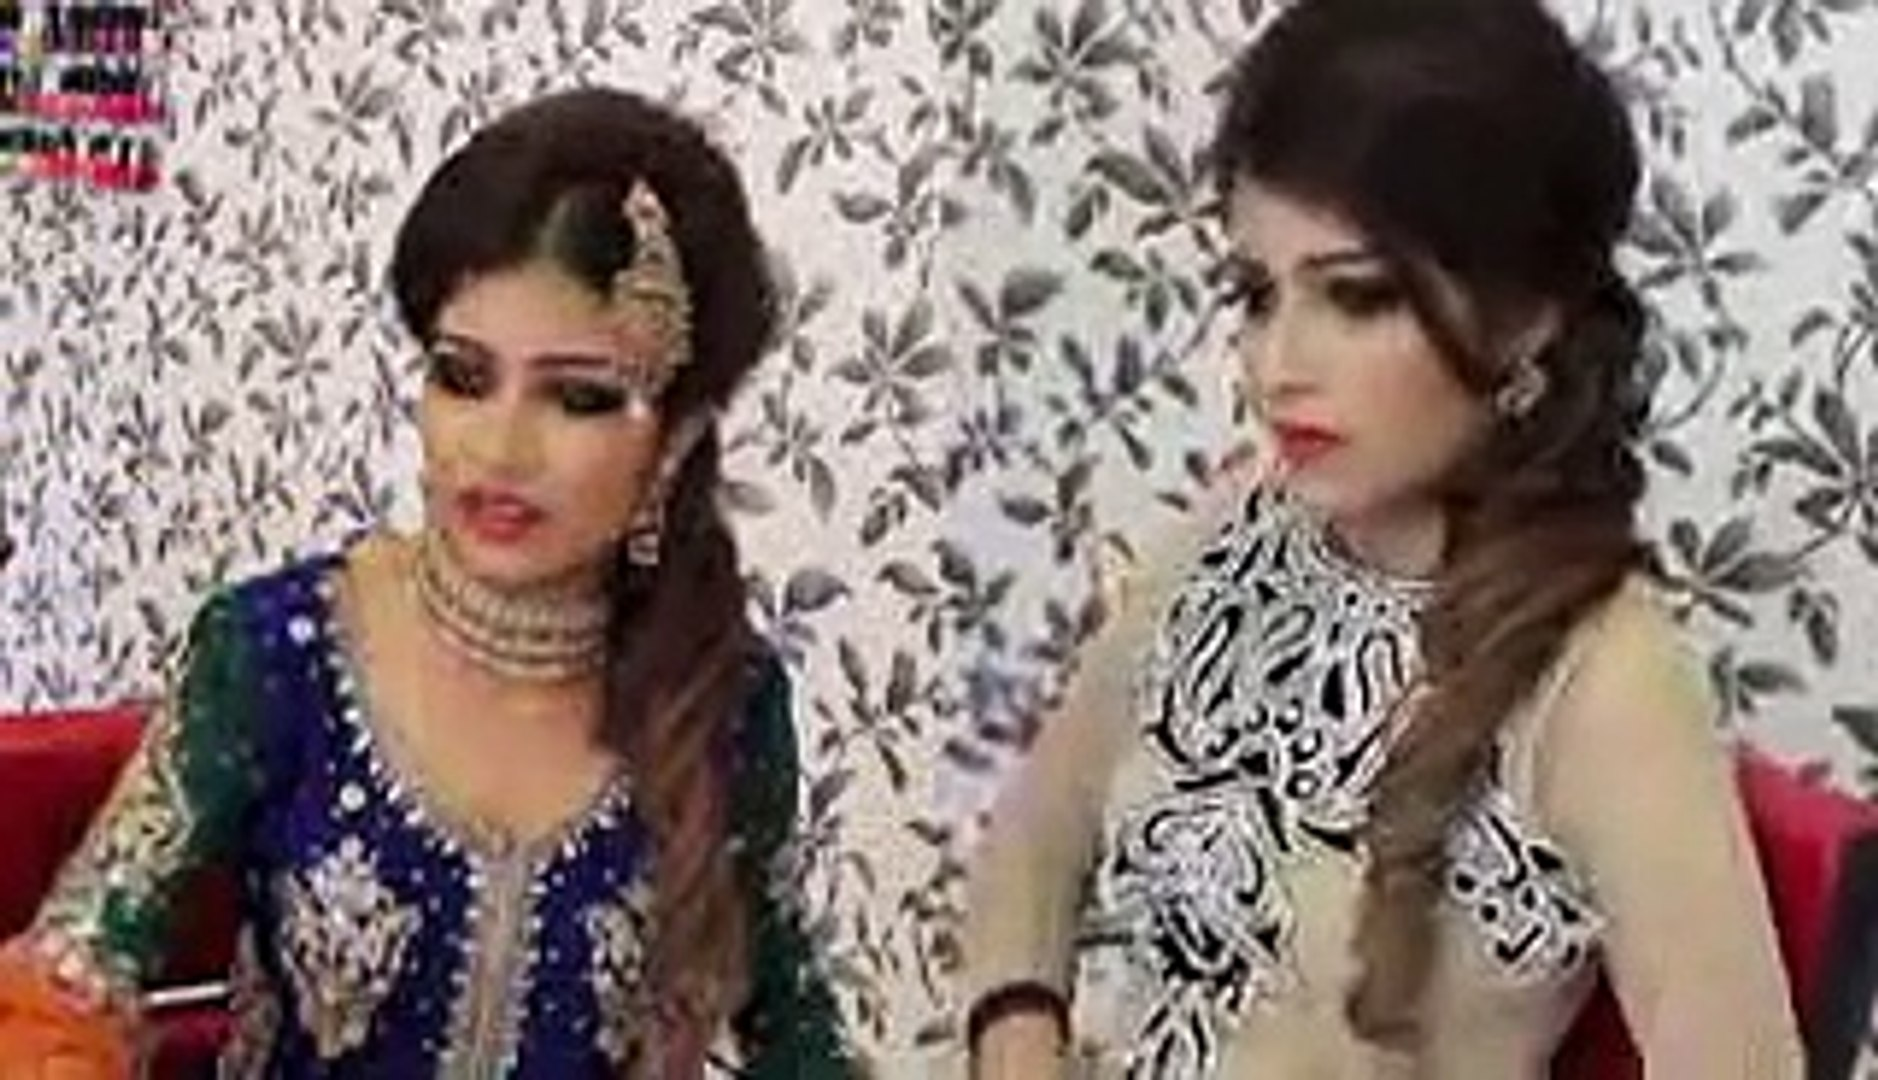 Pakistani Bridal Makeup - Indian Wedding Makeup Tutorial - Shumailas Hair and Beauty